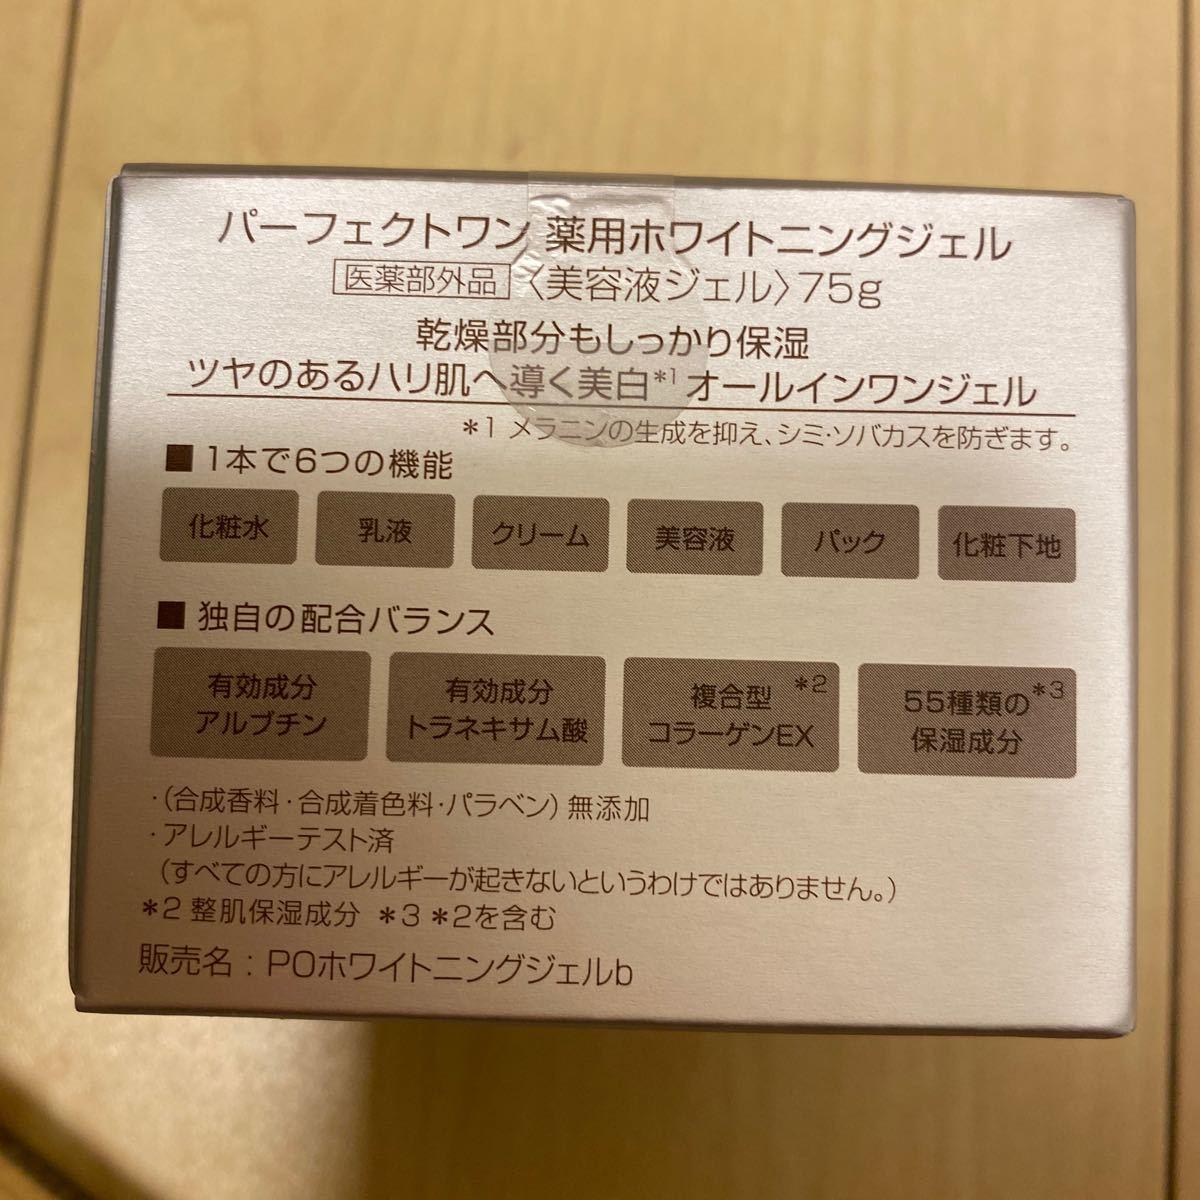 新日本製薬 パーフェクトワン薬用ホワイトニングジェル PERFECT ONE 美容液